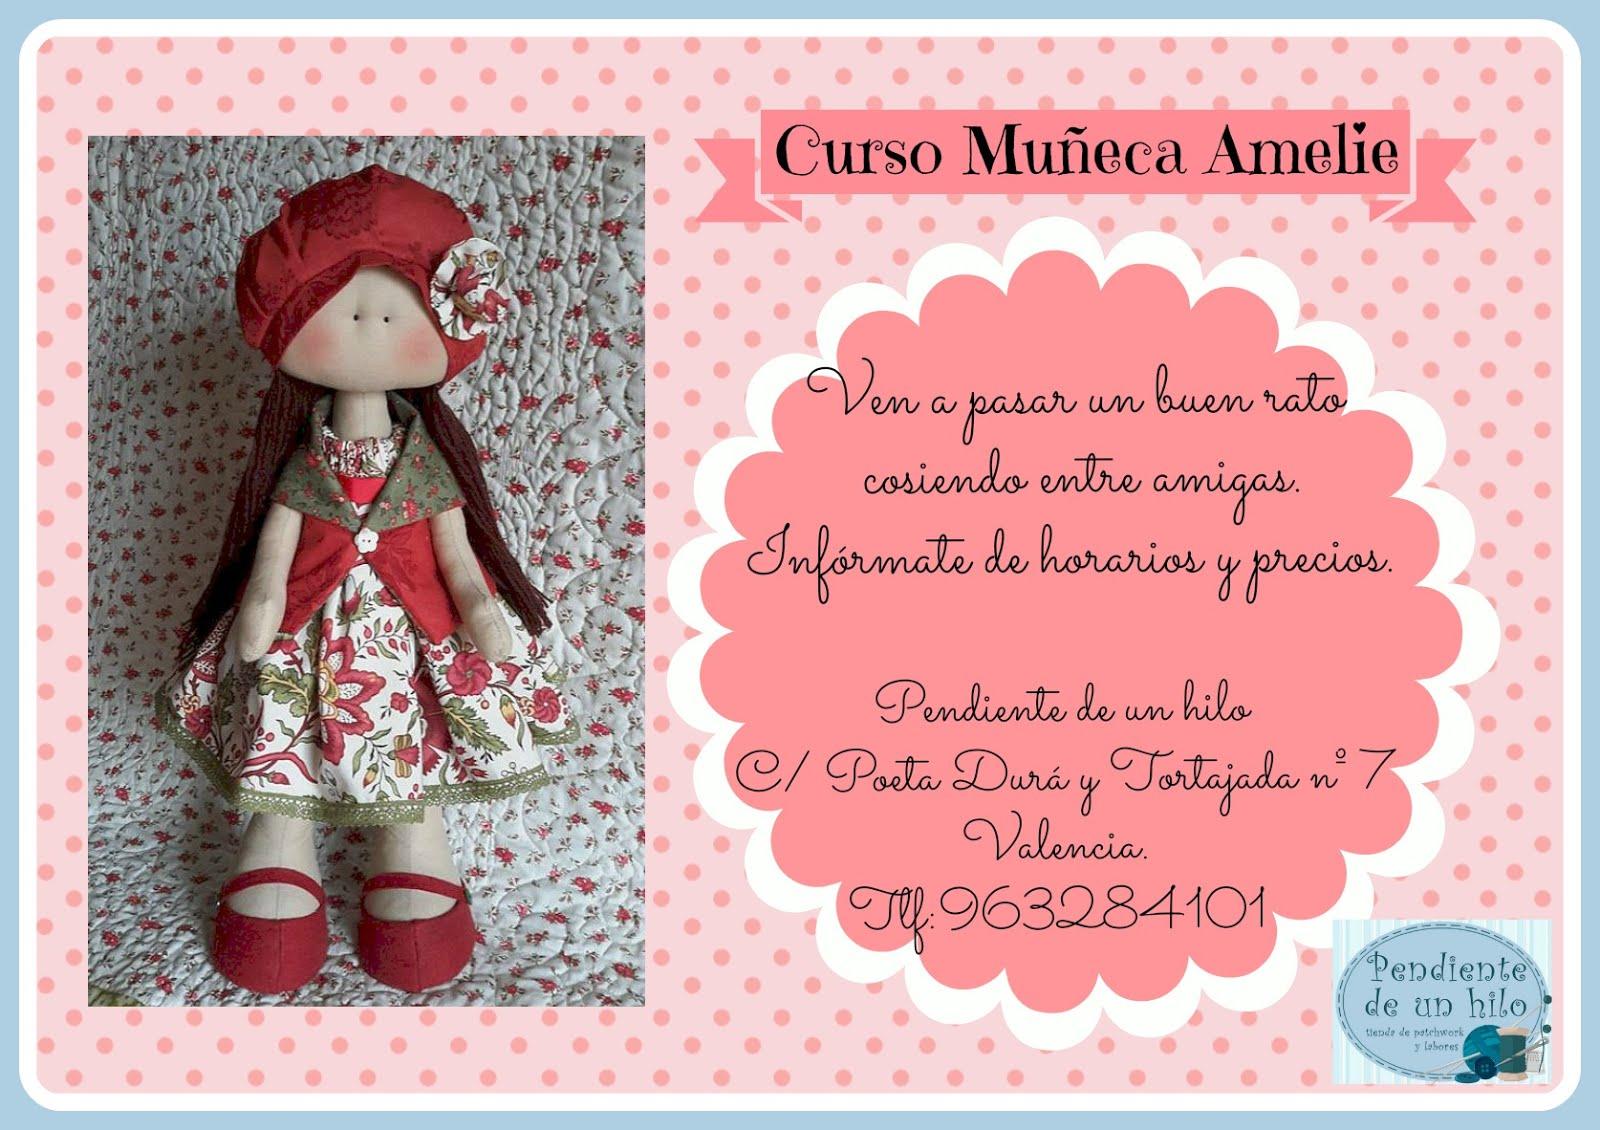 Curso muñeca Amelie